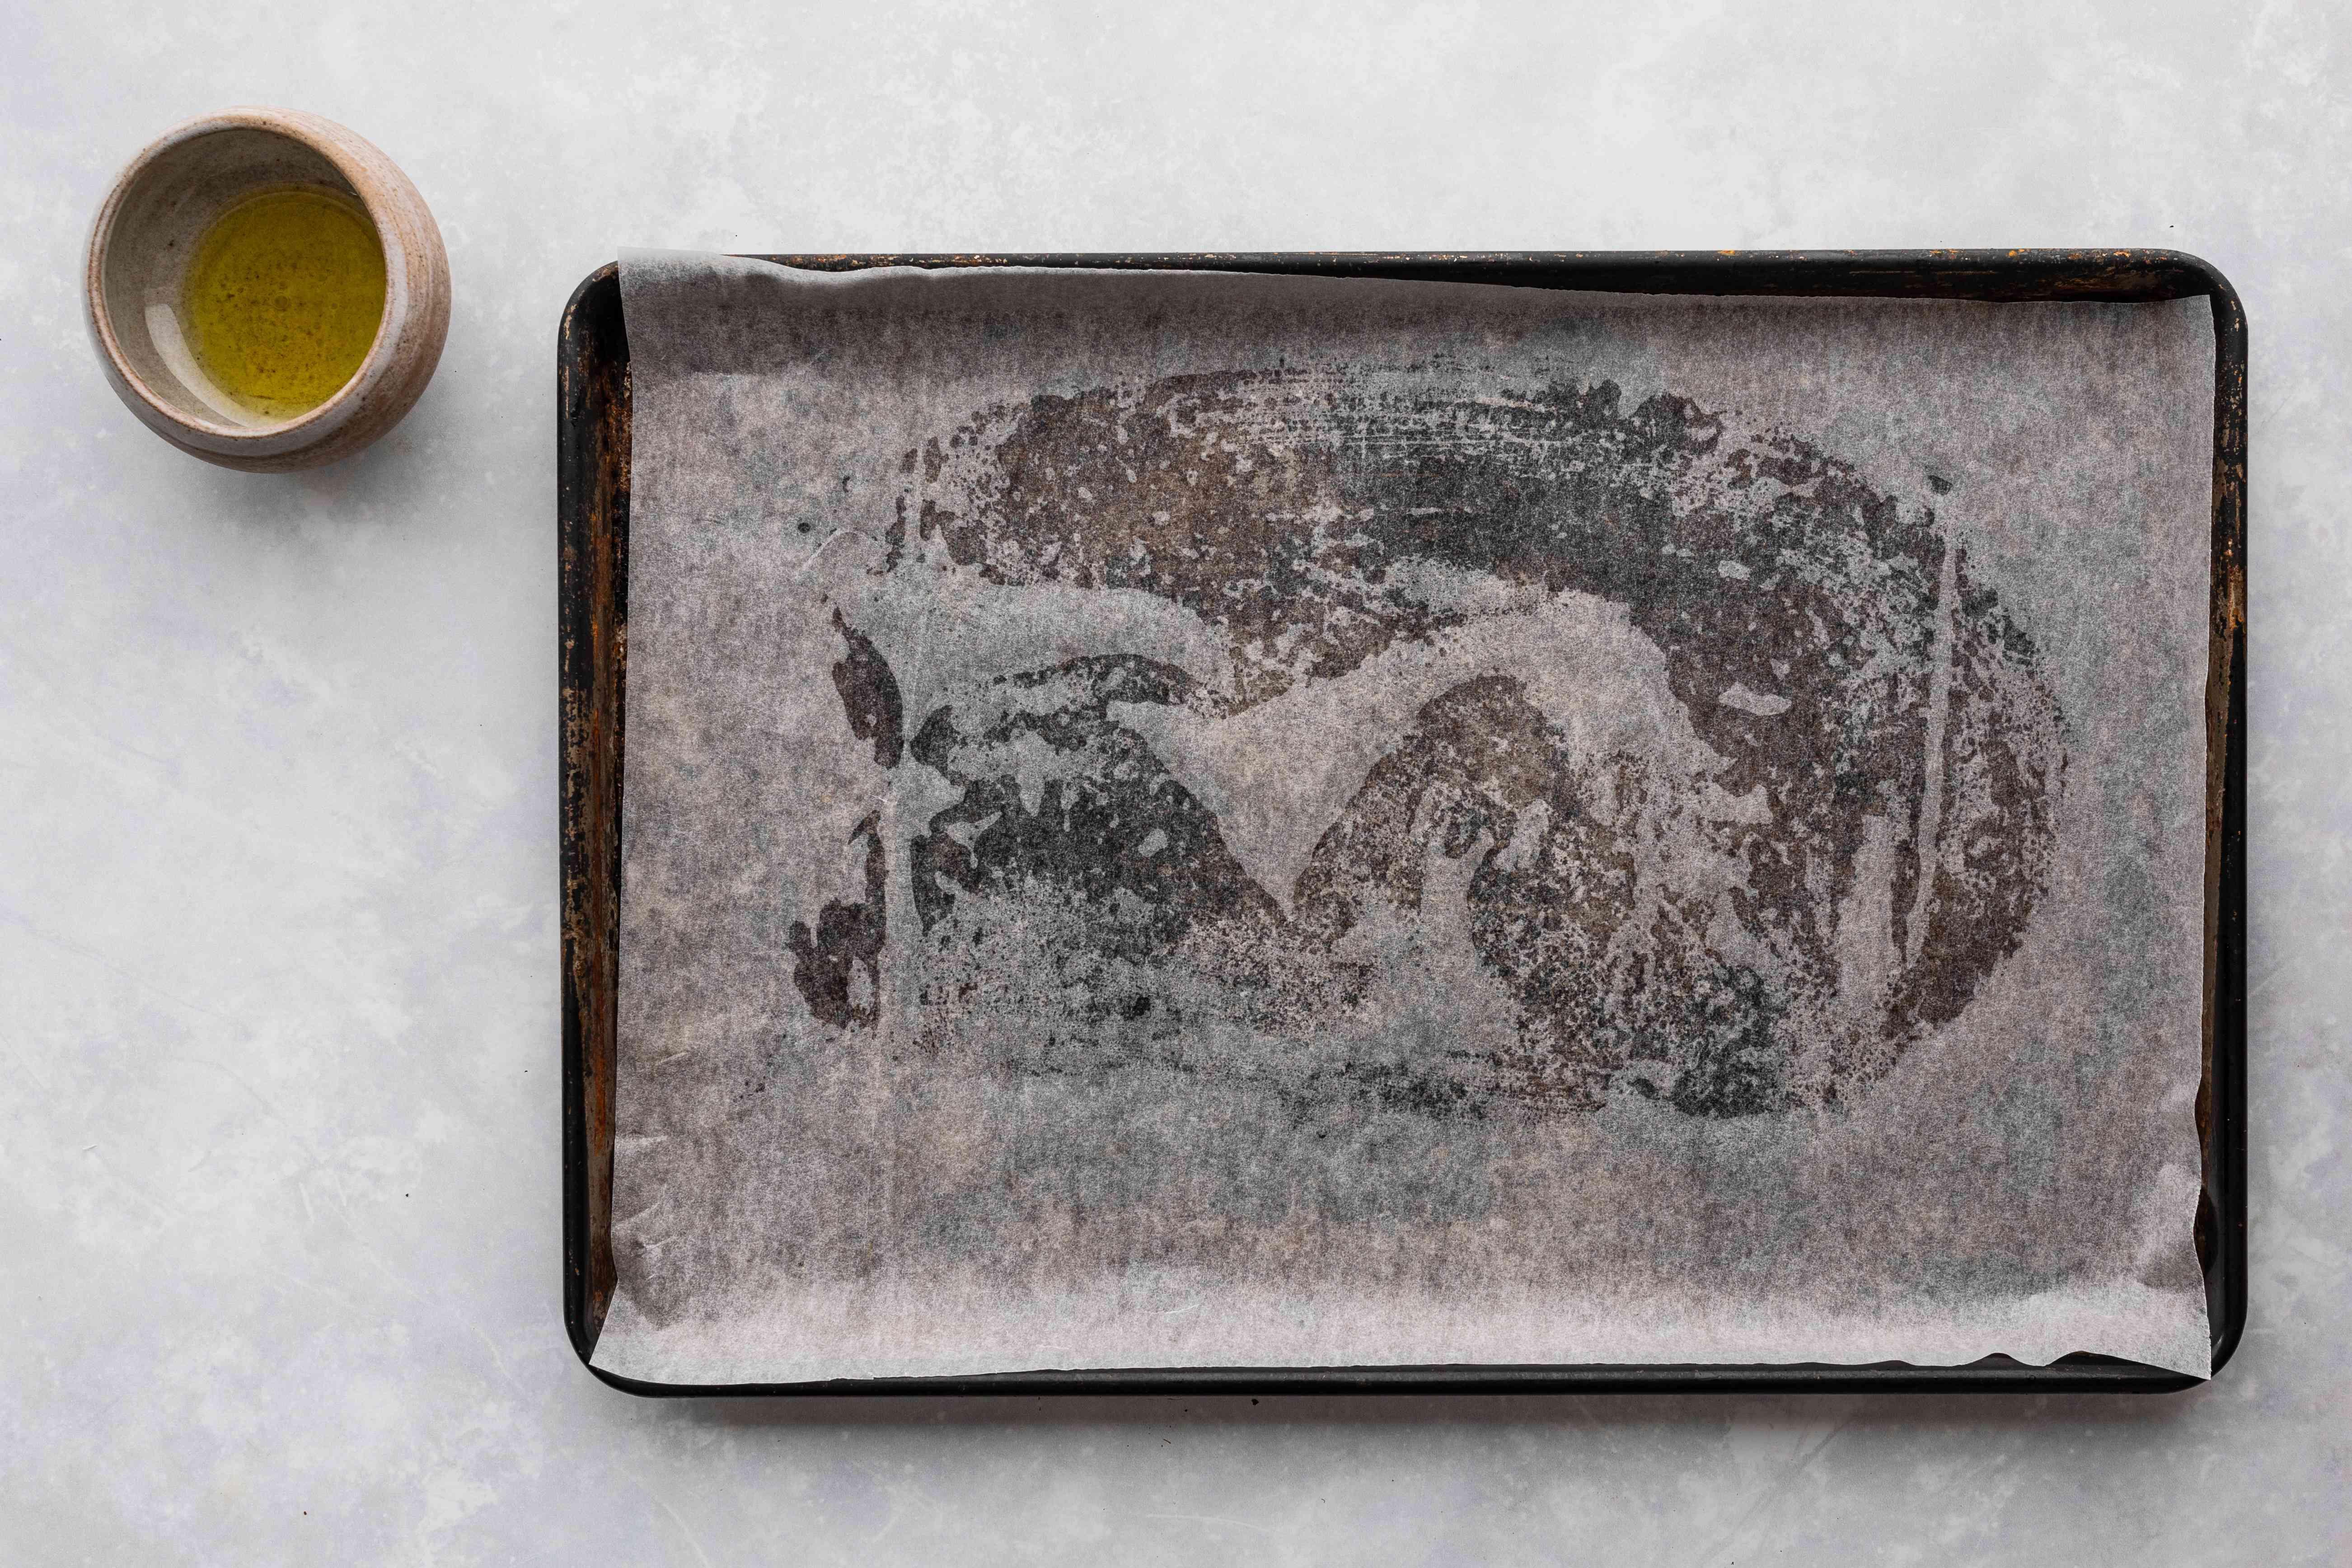 Oil a baking sheet